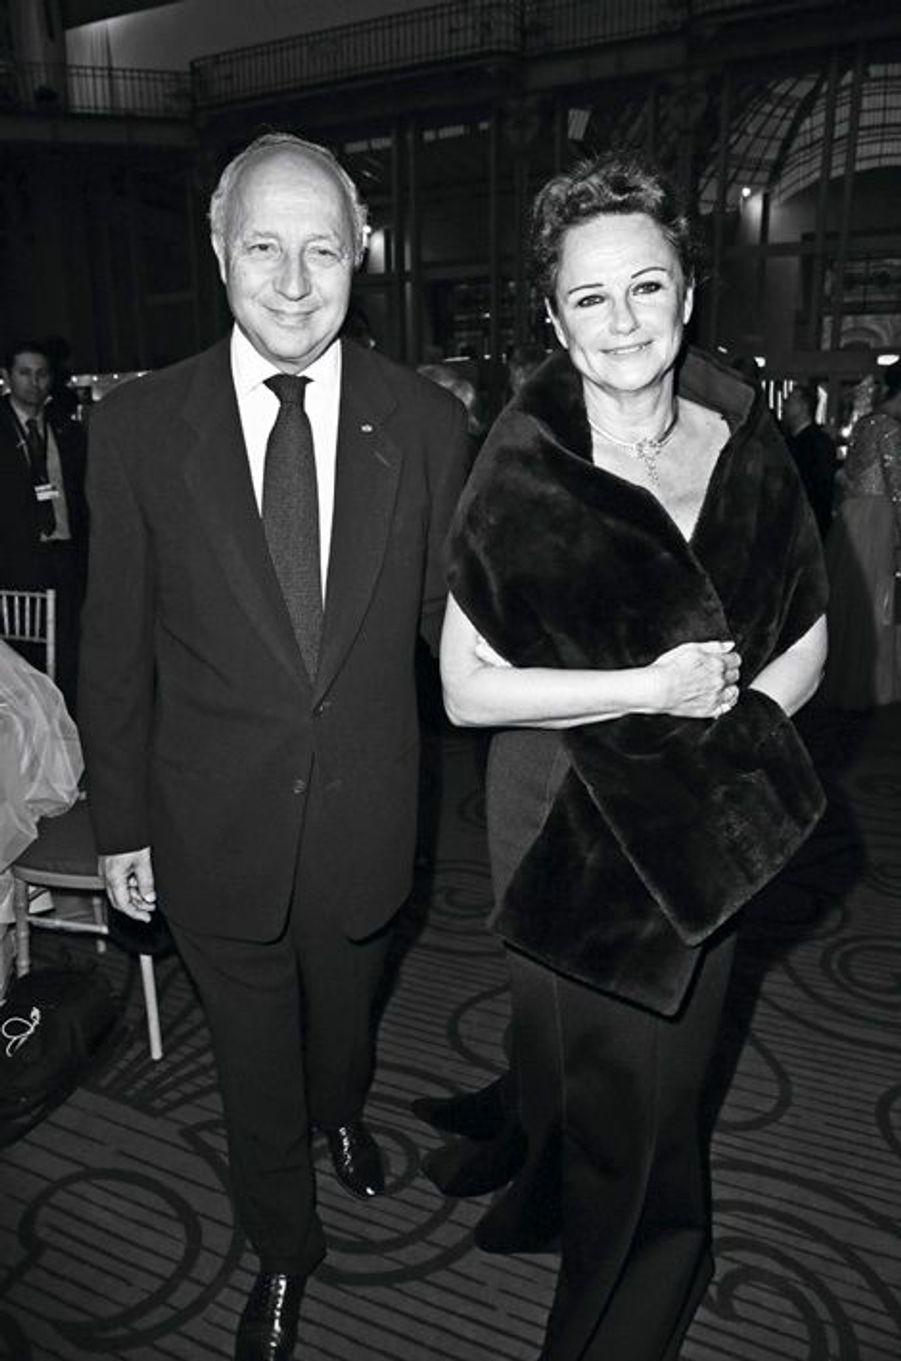 Laurent Fabius et Marie-France Marchand-Baylet.